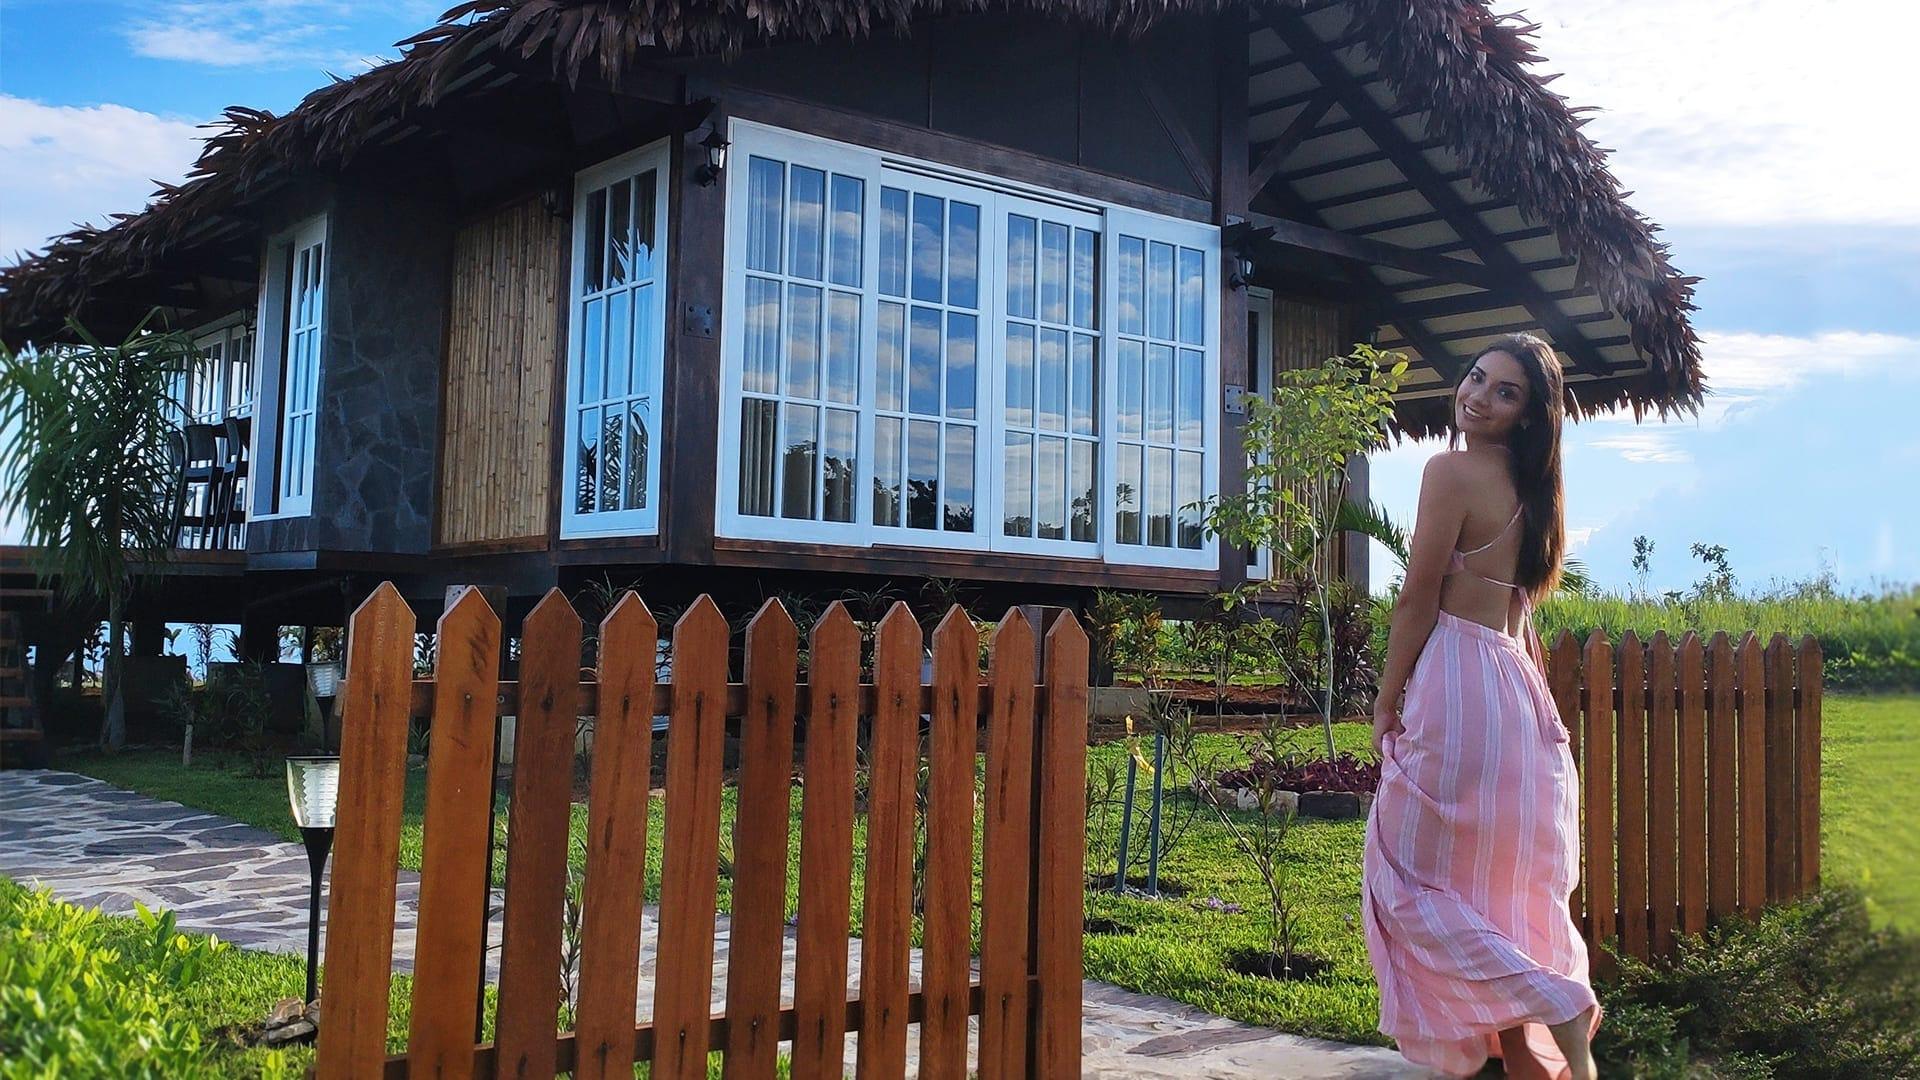 Visita de Maricielo Gamarra (Miss San Martín) a nuestra casa modelo en Yanashpa Village, Tarapoto